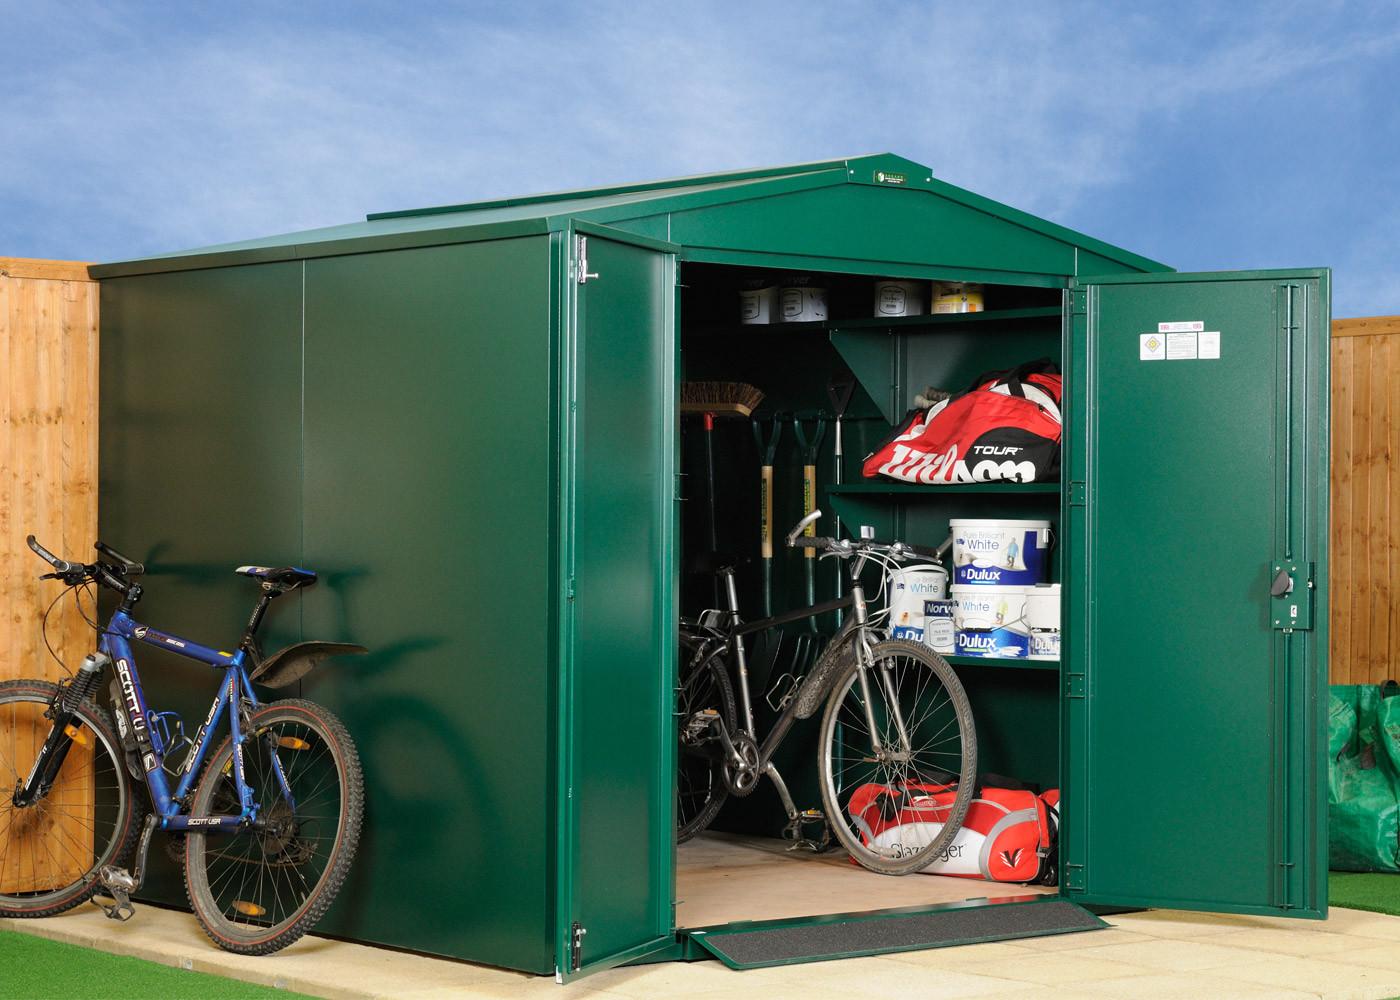 7 x 7 metal steel shed secure garden bike storage. Black Bedroom Furniture Sets. Home Design Ideas